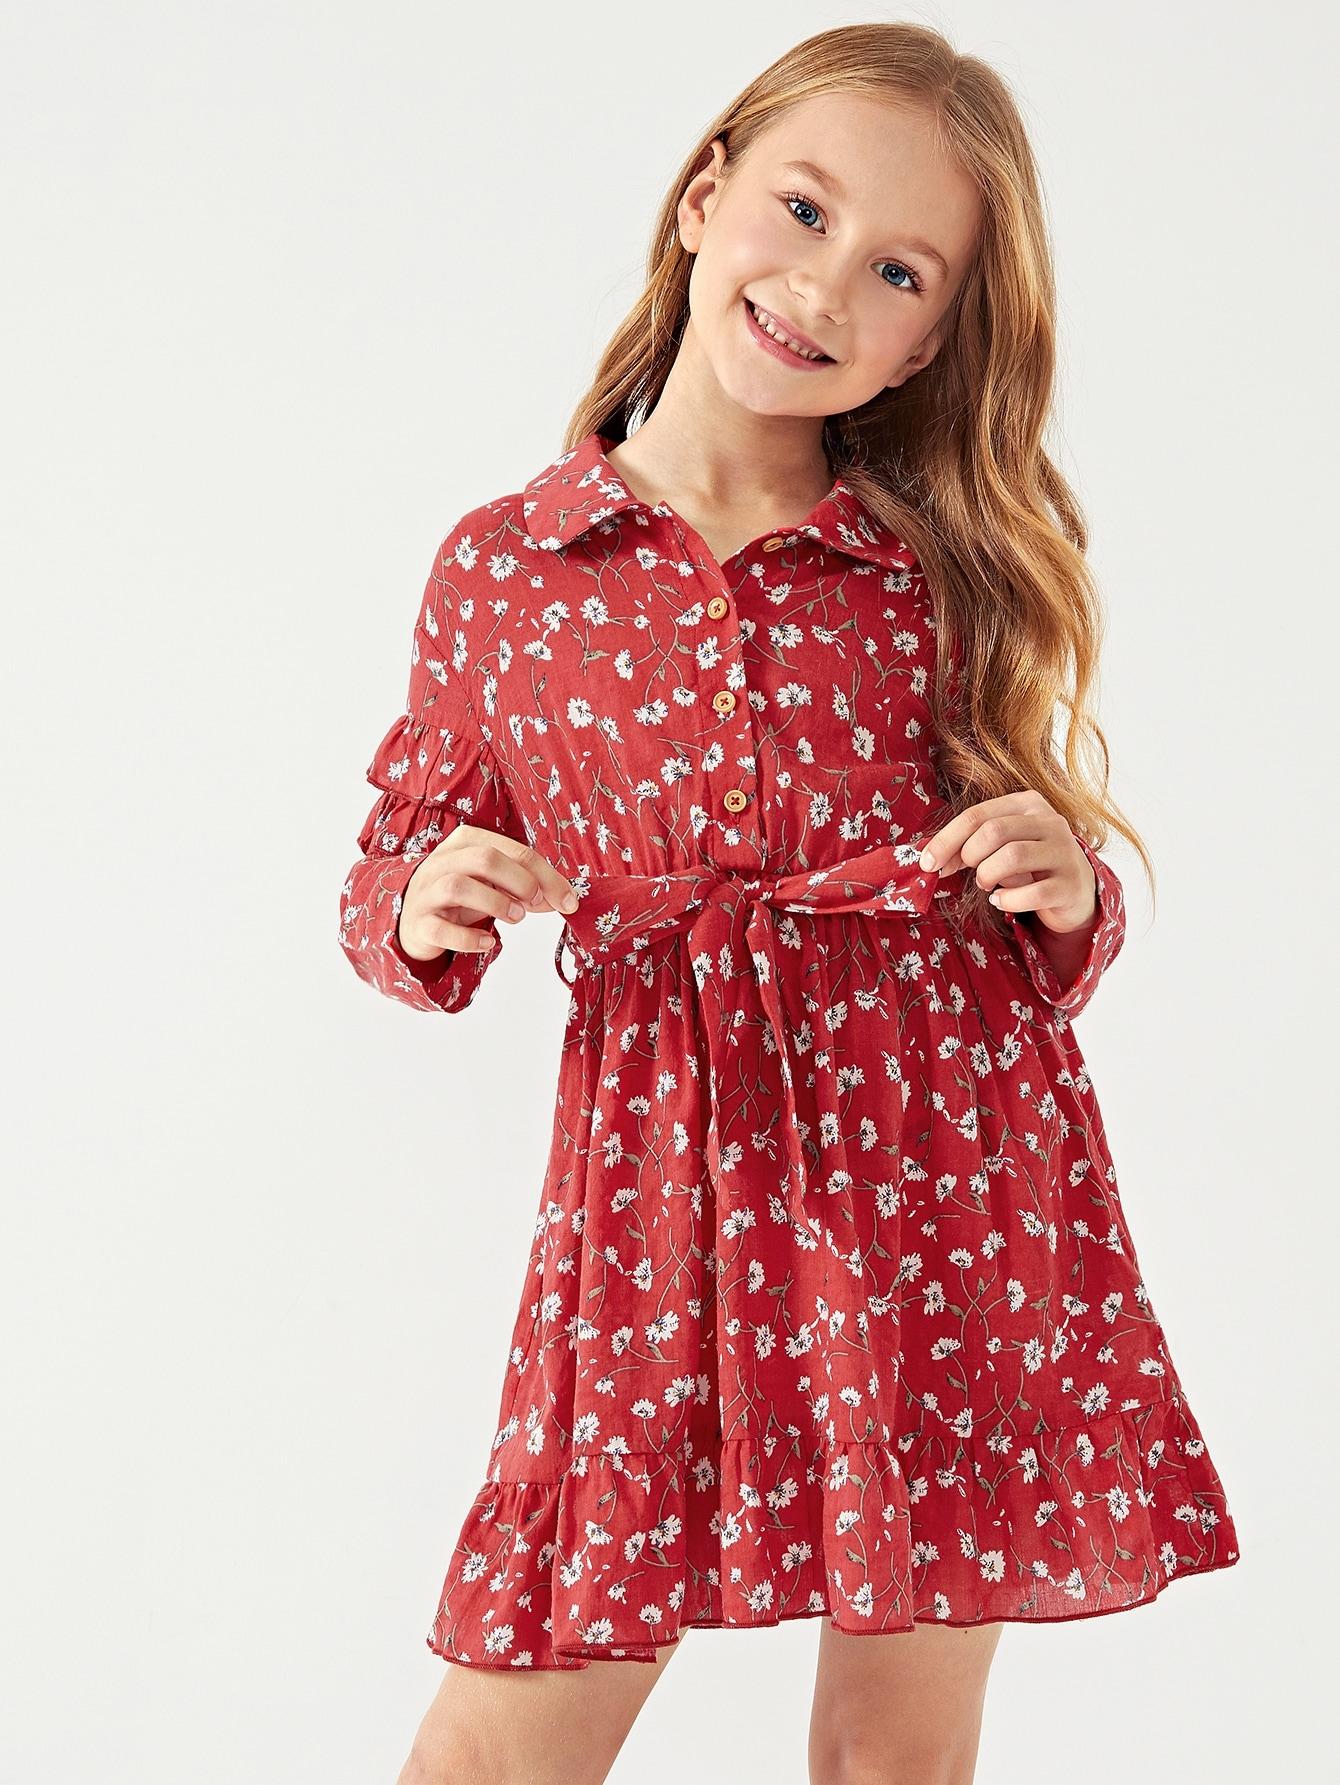 Купить Платье с пуговицами и кружевными оборками и принтом цветочным для девочек, Masha. P, SheIn